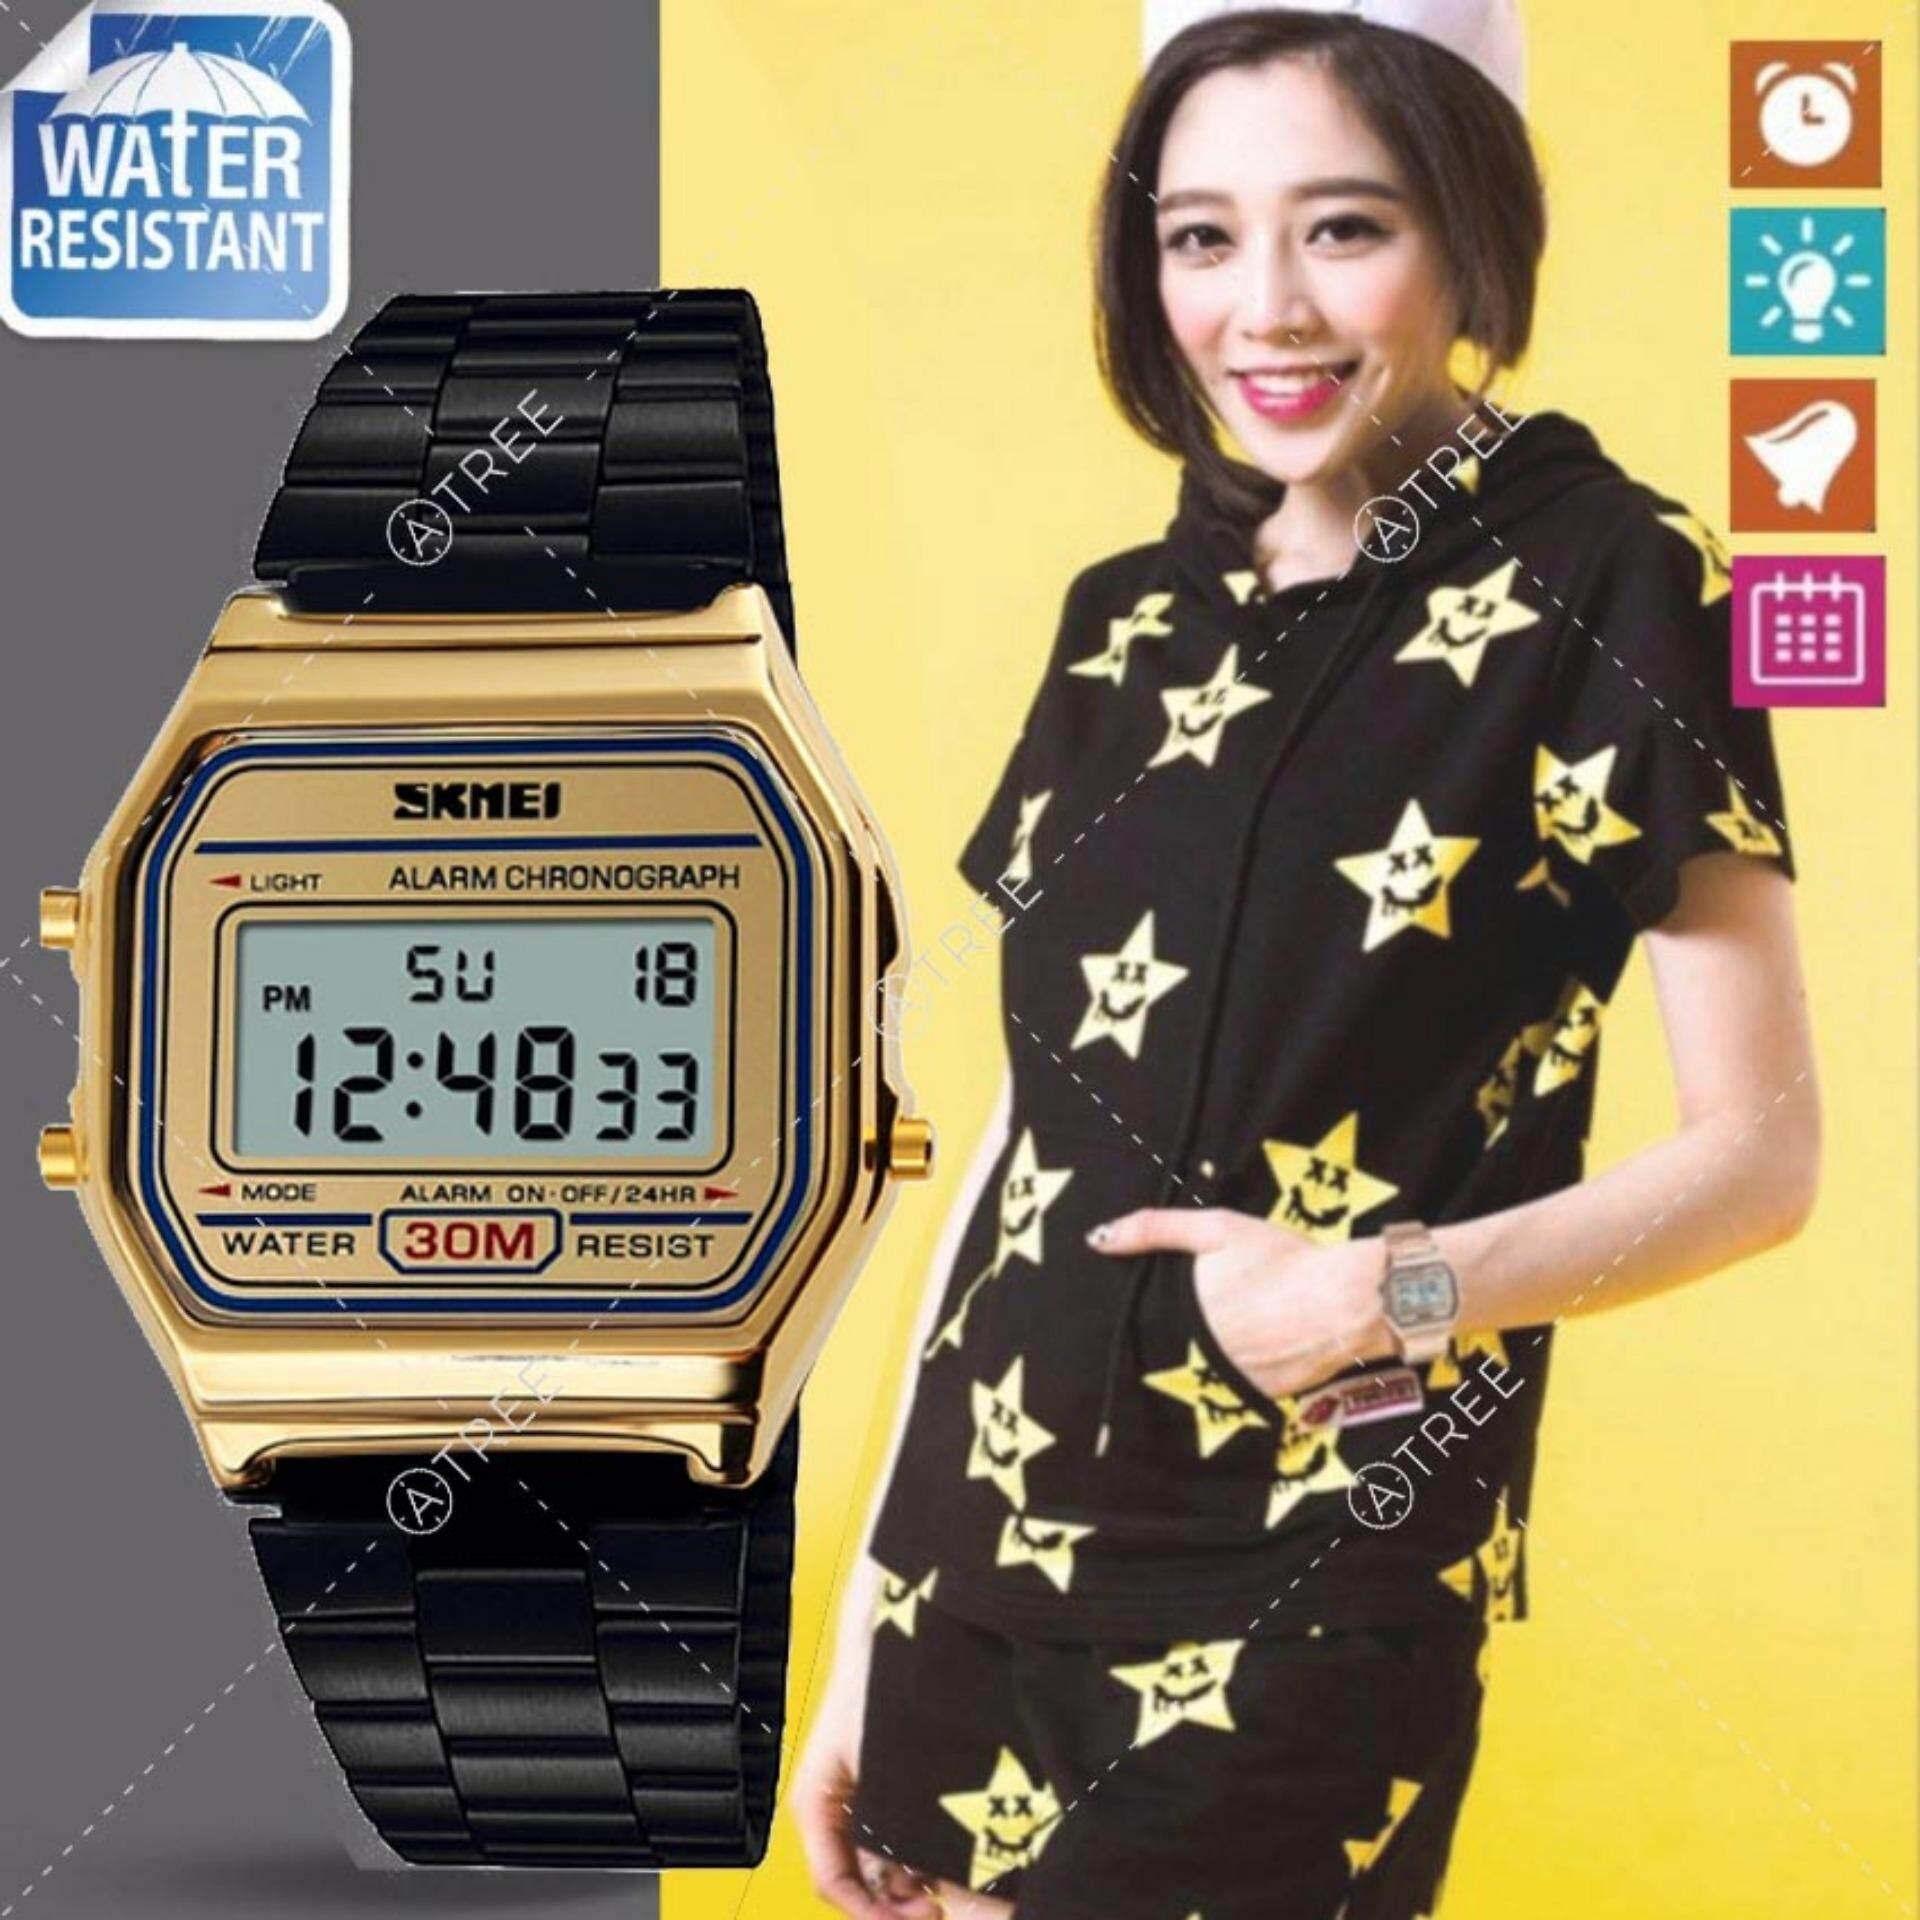 ซื้อ Skmei ของแท้ 100 ส่งในไทยไวแน่นอน นาฬิกาข้อมือ สไตล์ Casual Bussiness Watch จับเวลา ตั้งปลุกได้ ไฟ Led ส่องสว่าง สายแสตนเลสสีดำ ฮิตสุด รุ่น Sk M1123 สีดำ ทอง Black